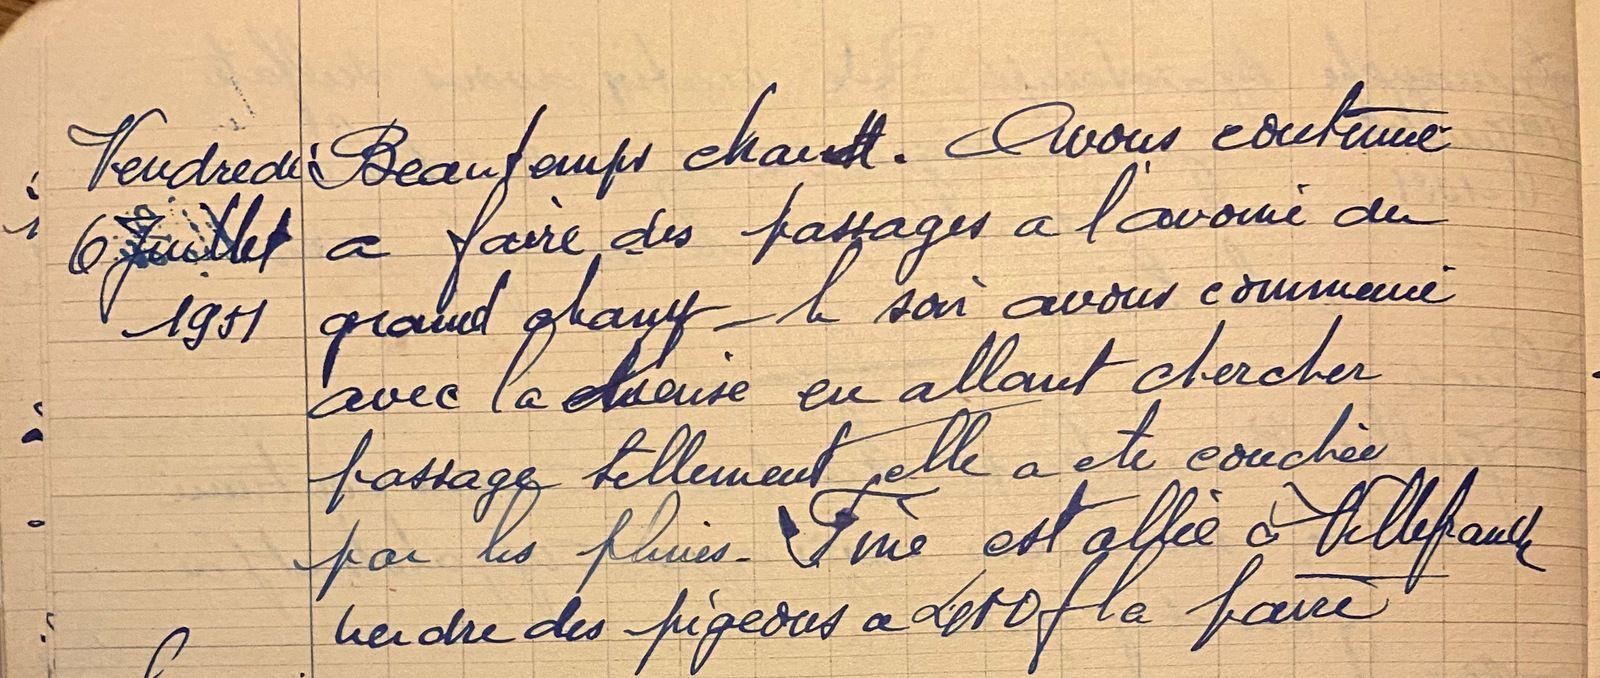 Vendredi 6 juillet 1951 - l'avoine du grand champ